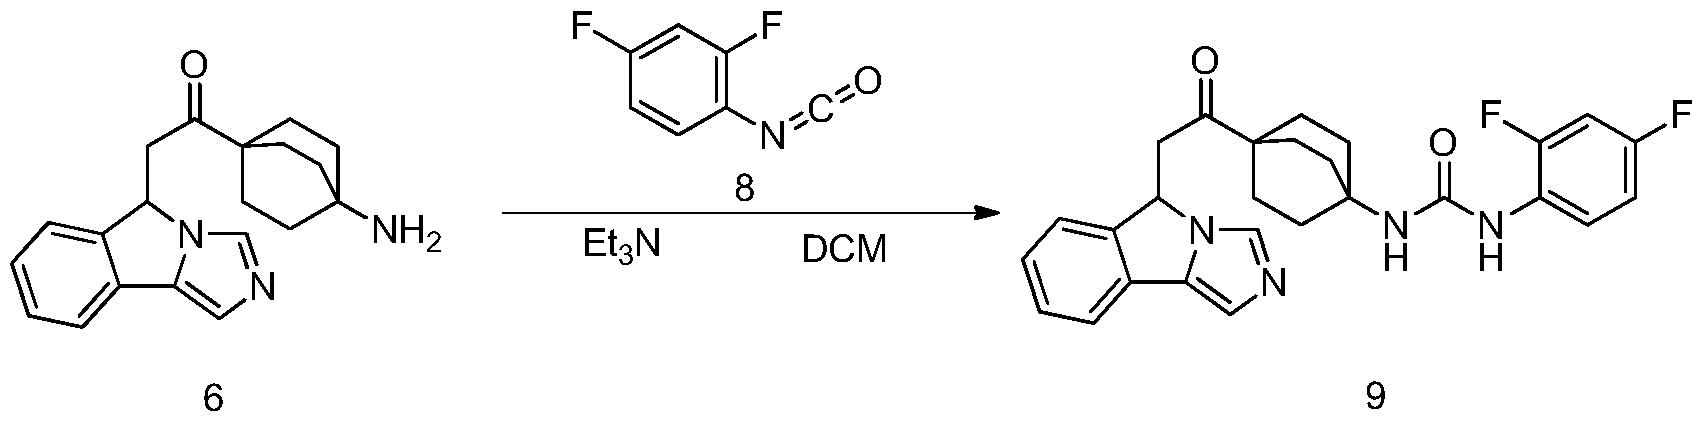 Figure PCTCN2017084604-appb-000186